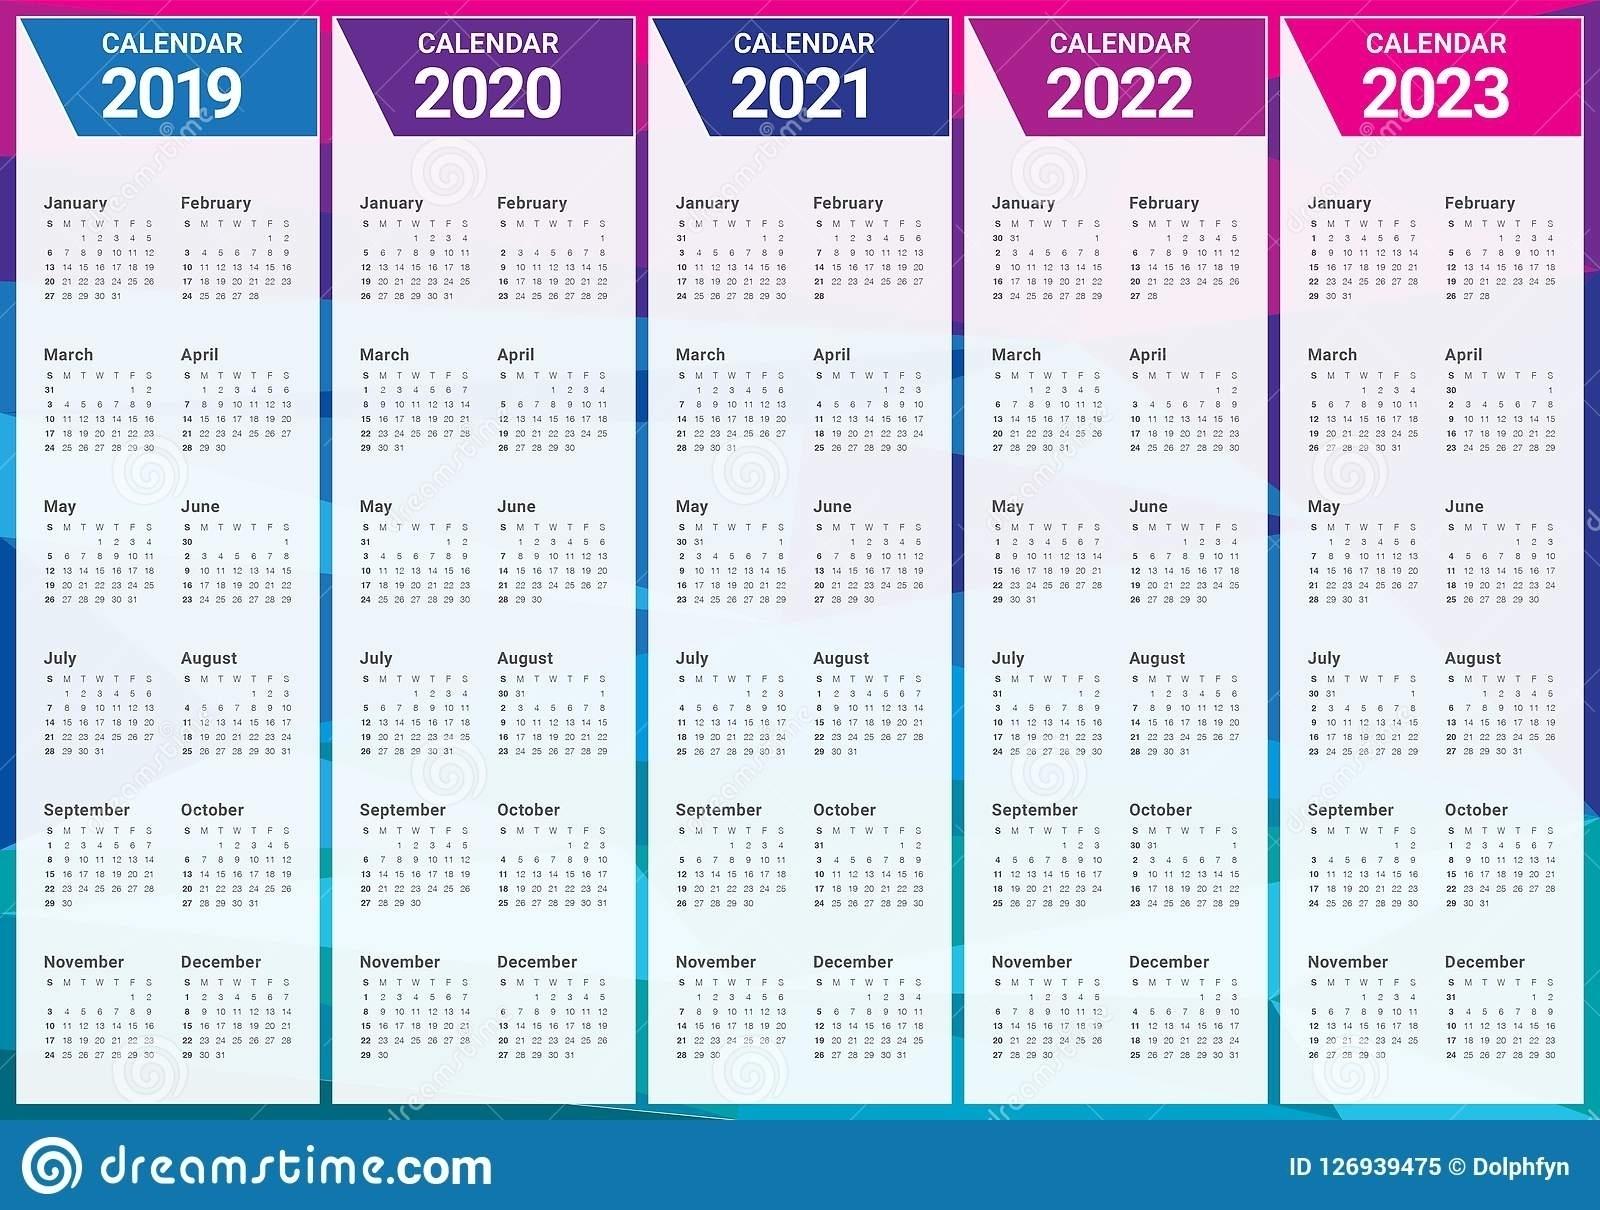 Calendar For 2021 2022 2023 | Ten Free Printable Calendar